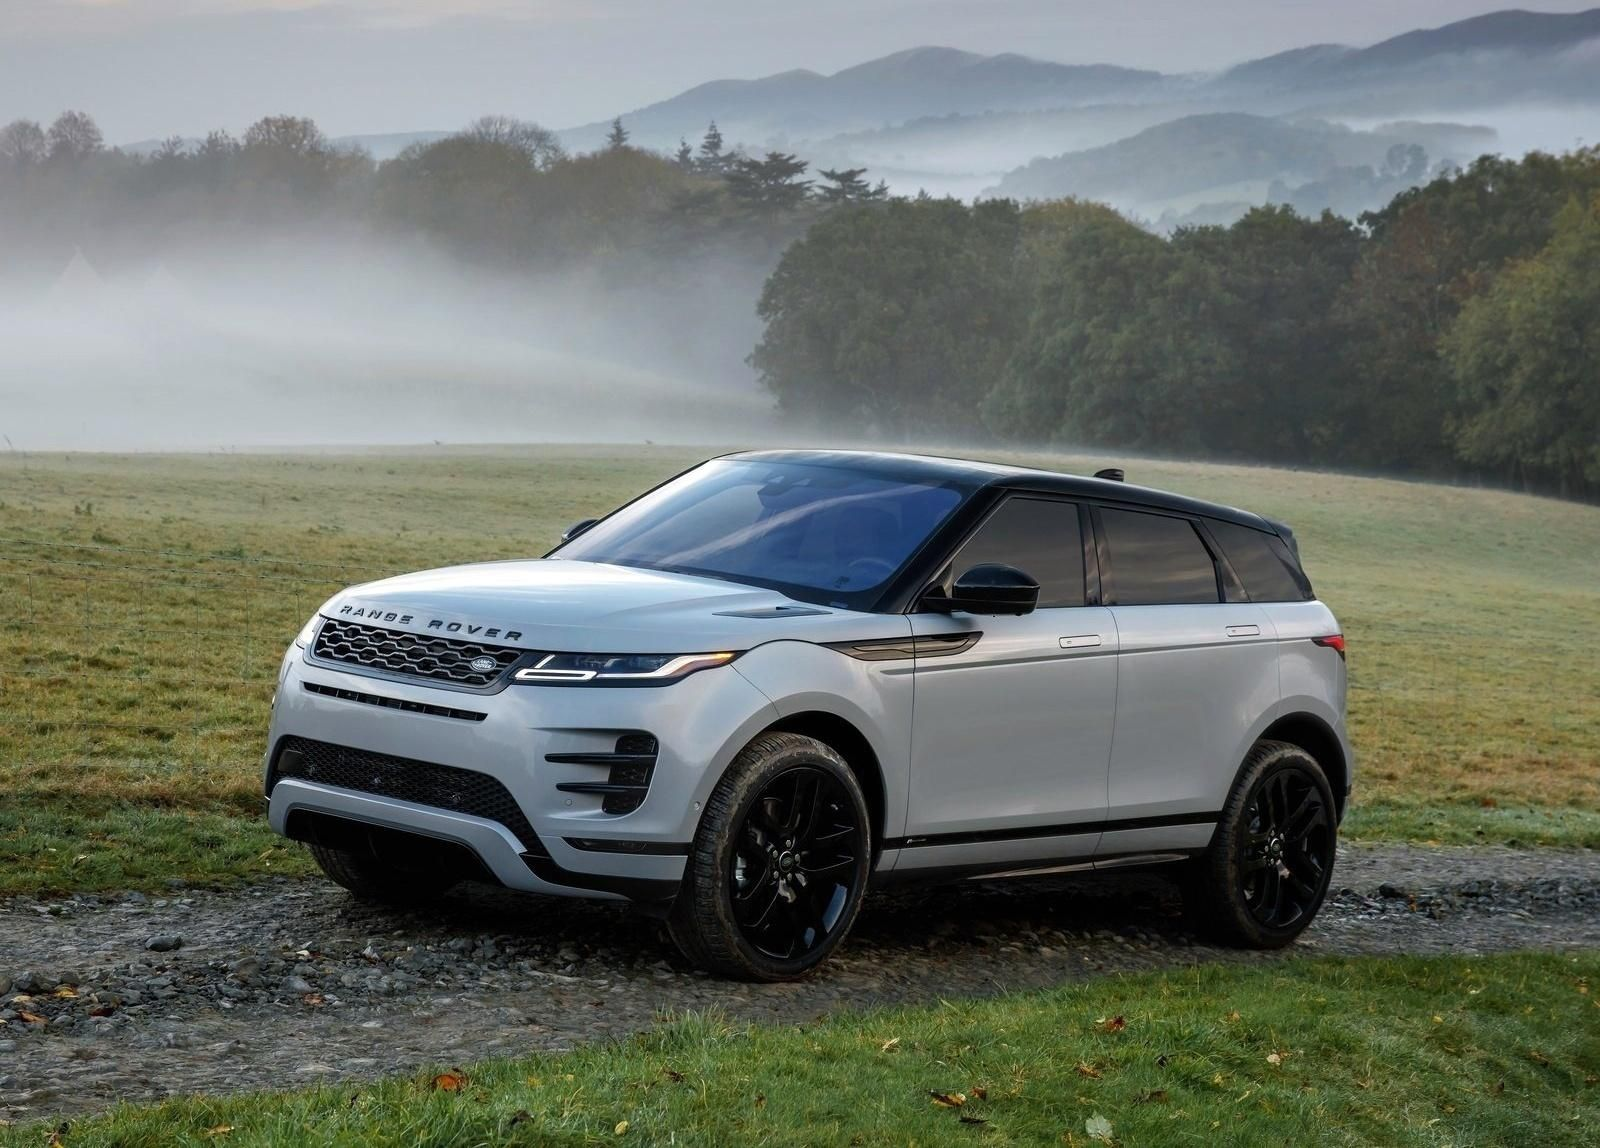 Fotos Veja como é o Range Rover Evoque 2020 Range rover